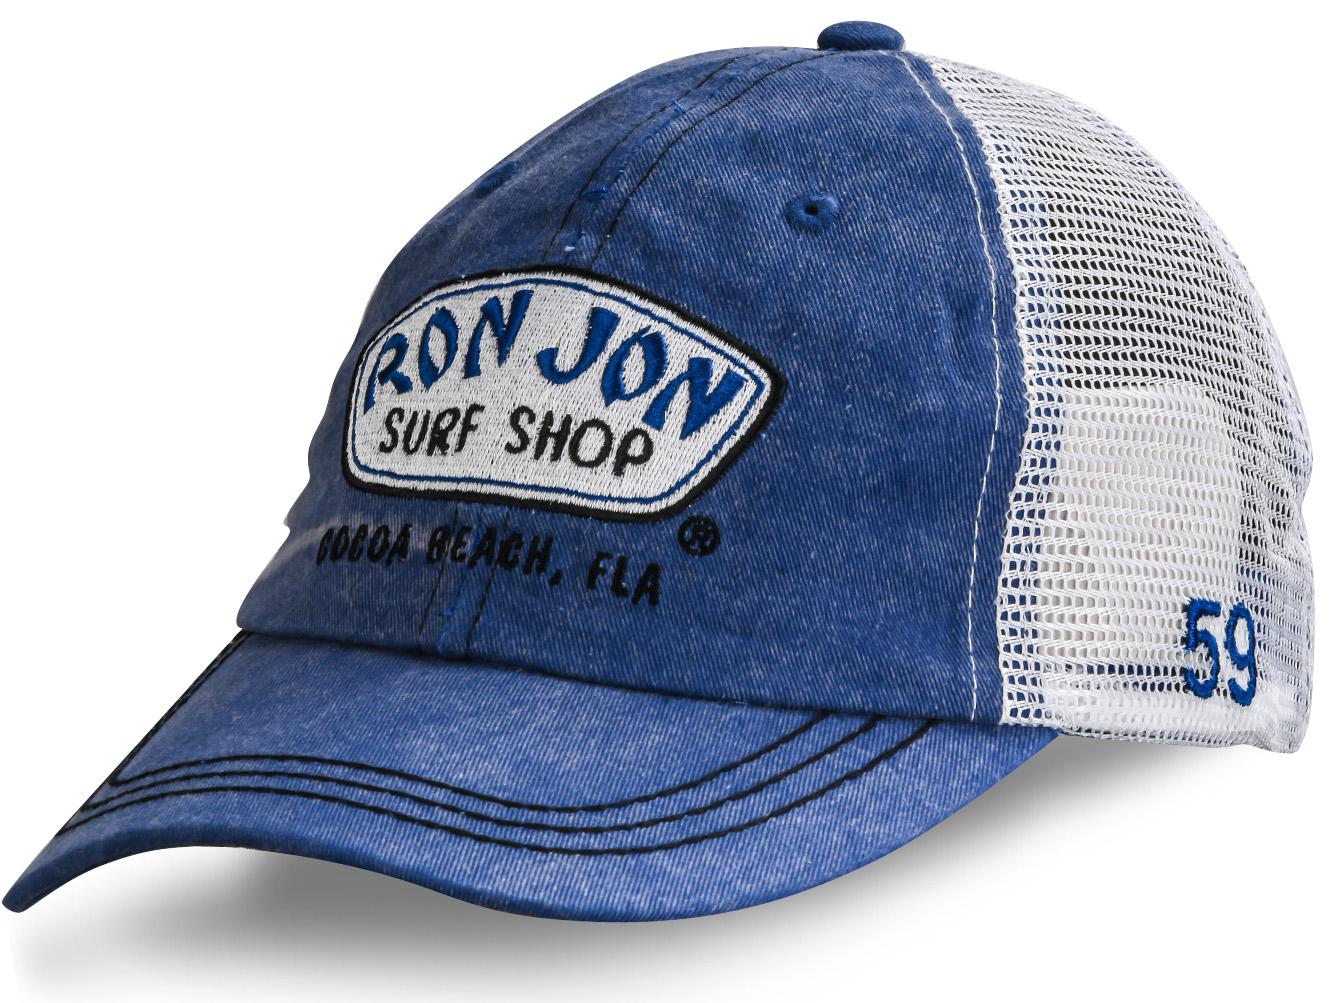 Джинсовая кепка с сеткой - купить в интернет-магазине с доставкой